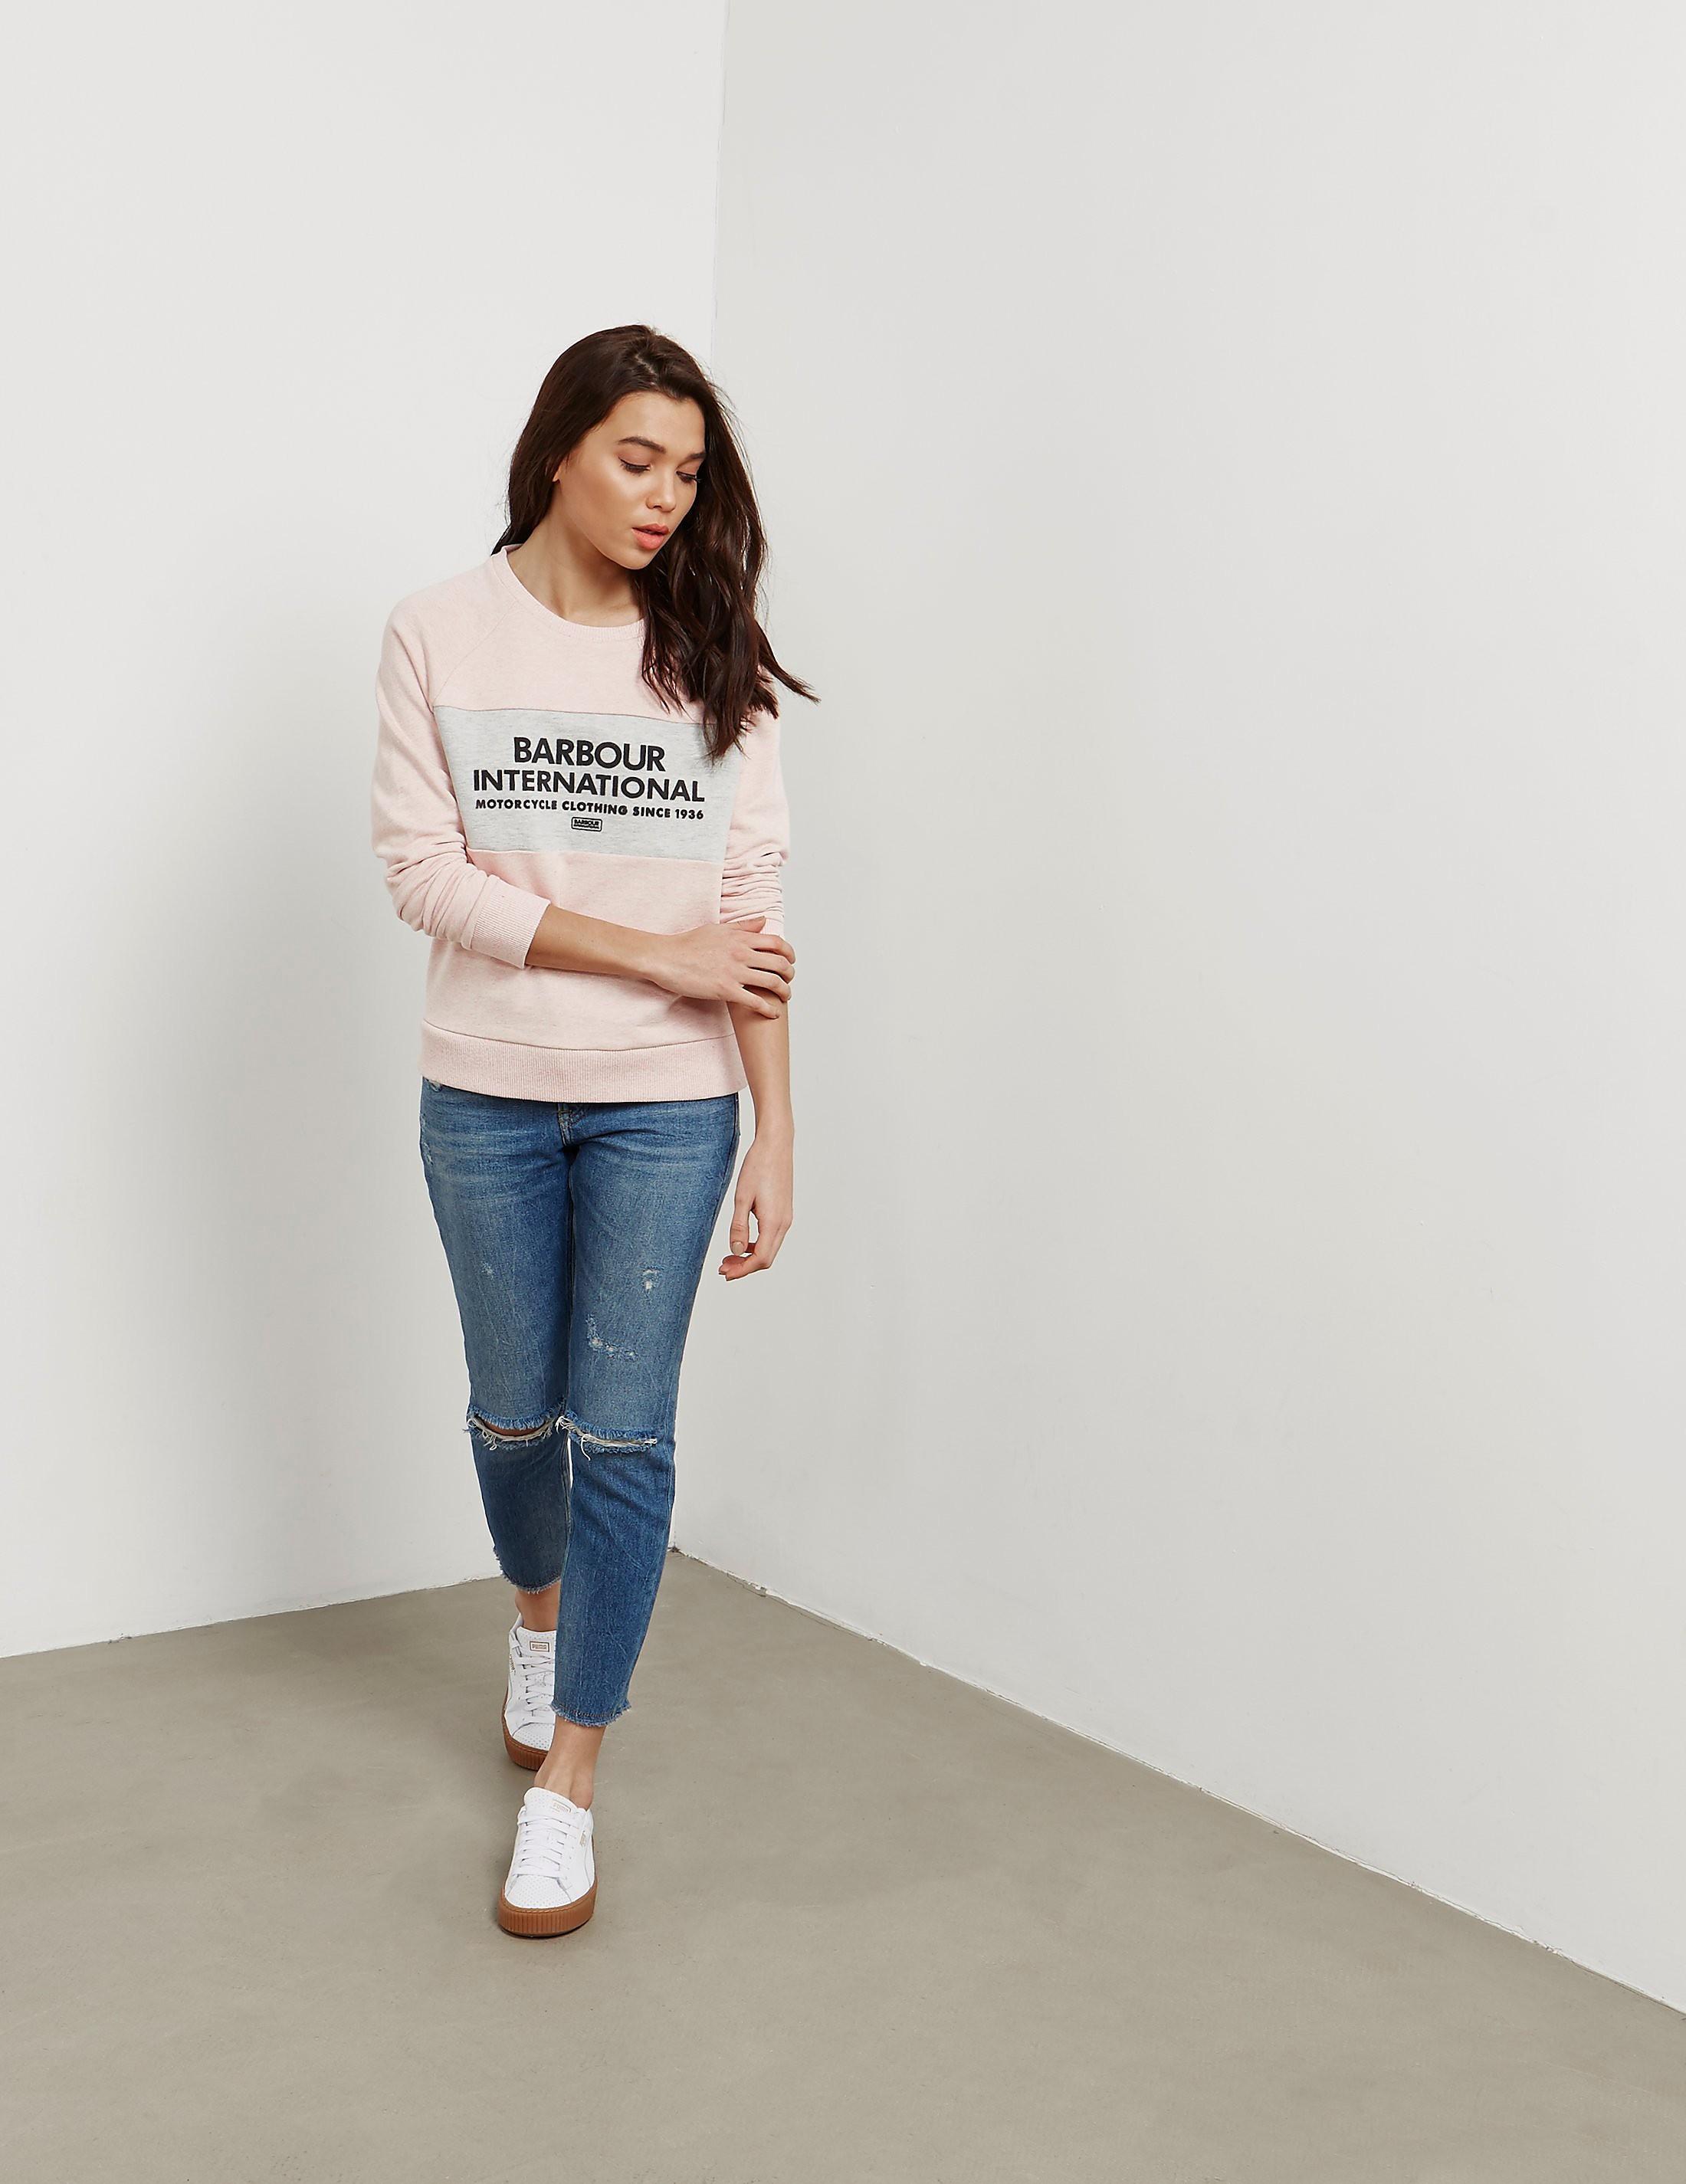 Barbour International Triple Sweatshirt